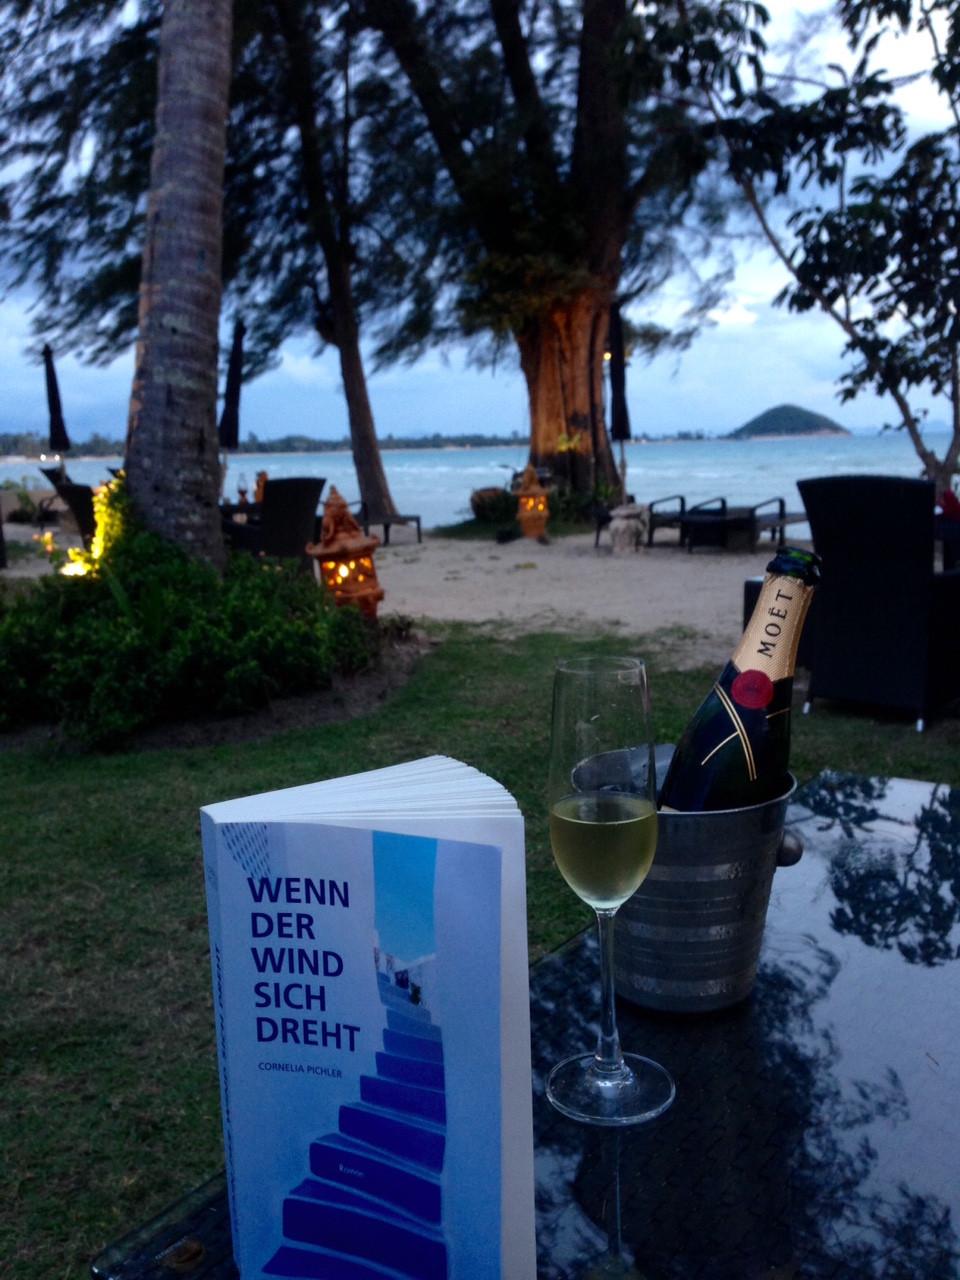 Wenn der Wind sich dreht, Cornelia Pichler - Lili Bach Blog